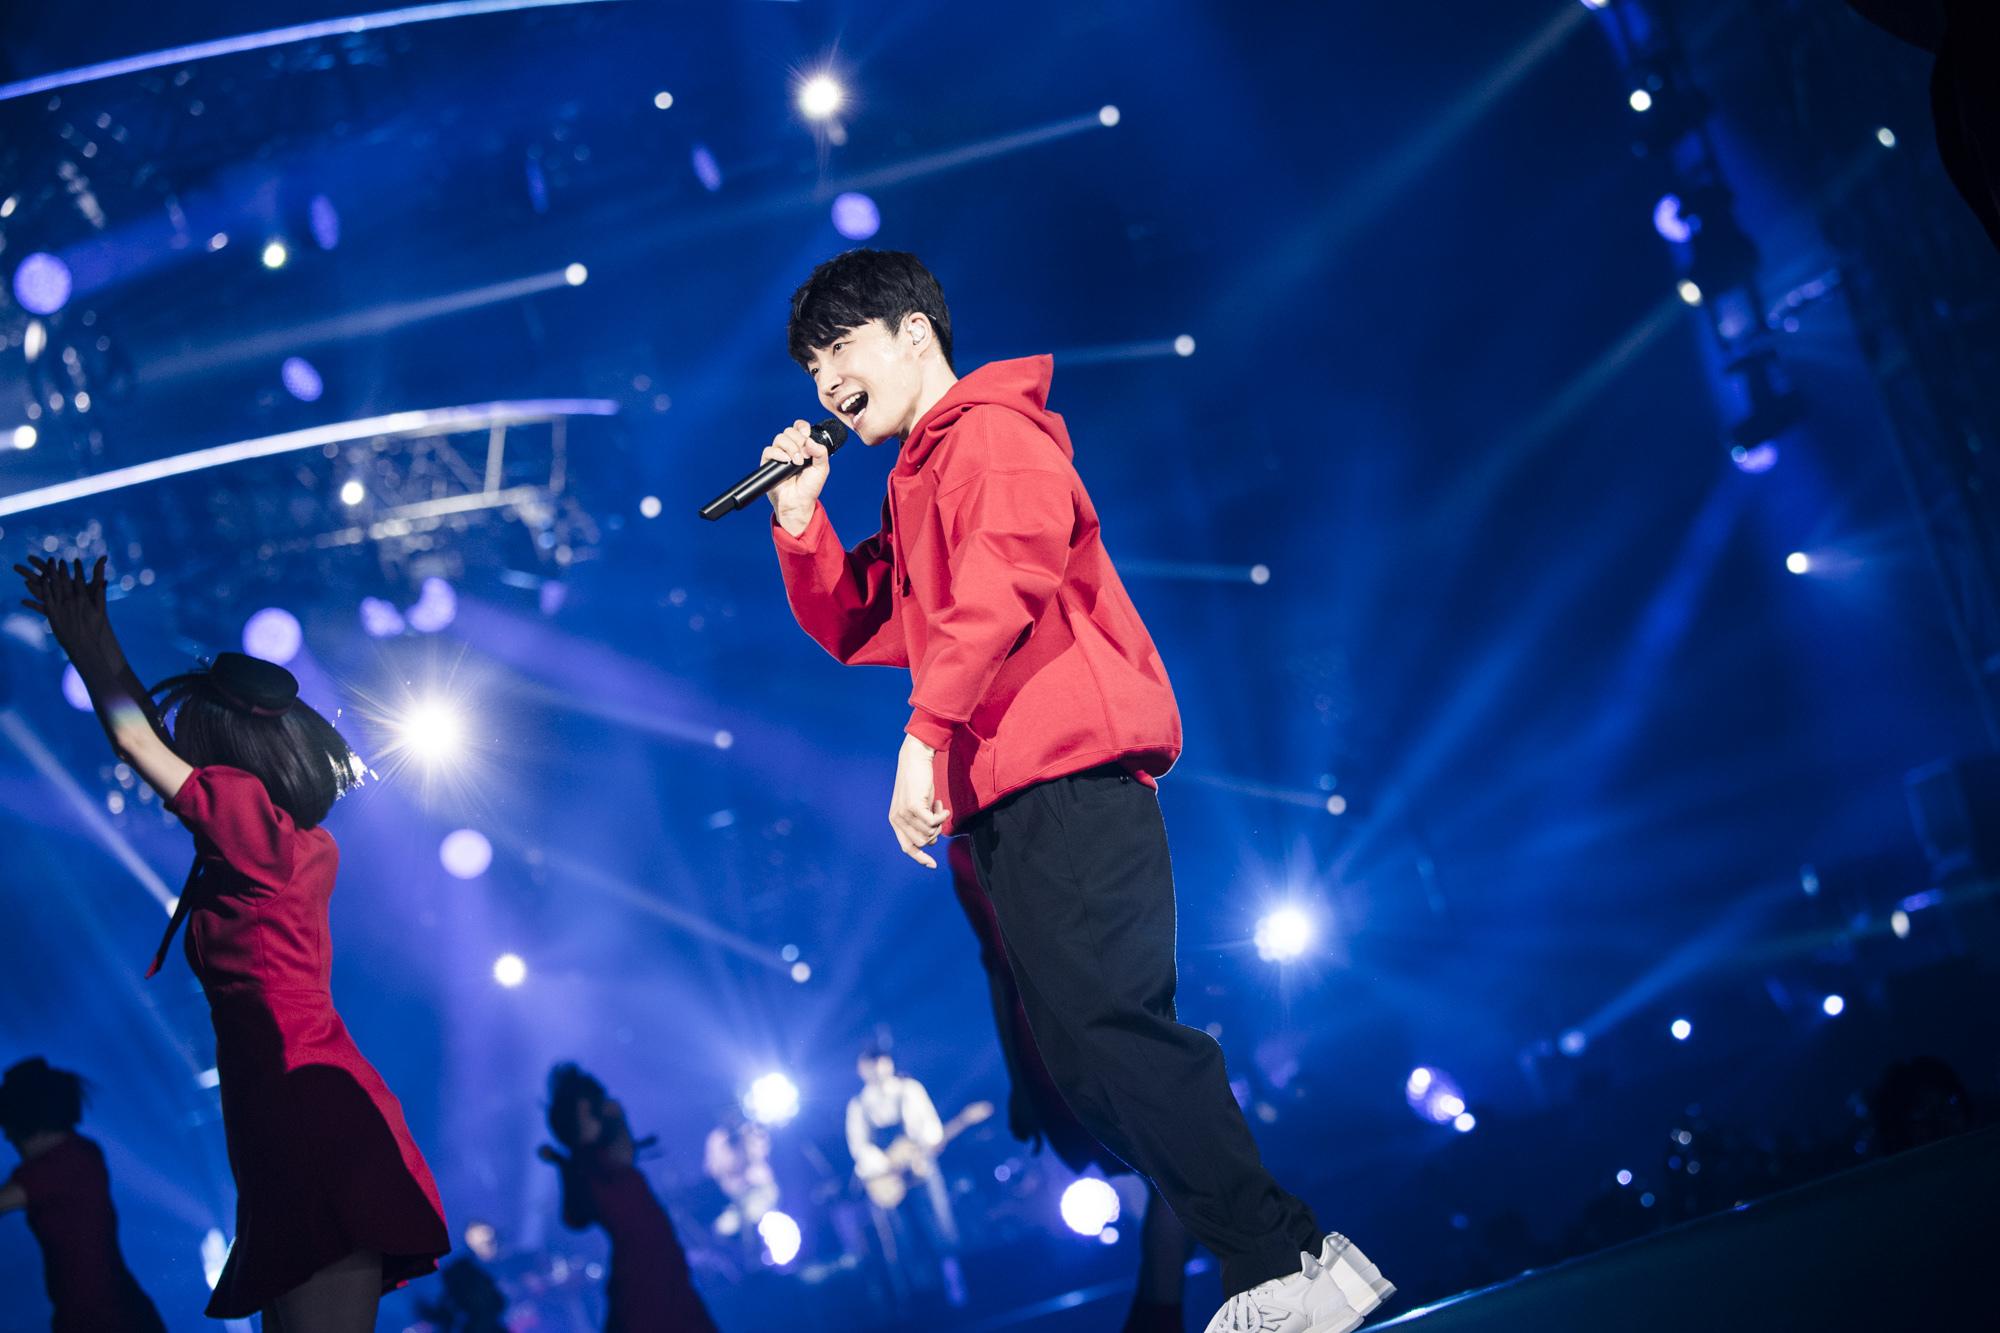 星野源 DOME TOUR 2019『POP VIRUS』京セラドーム大阪 撮影=田中聖太郎